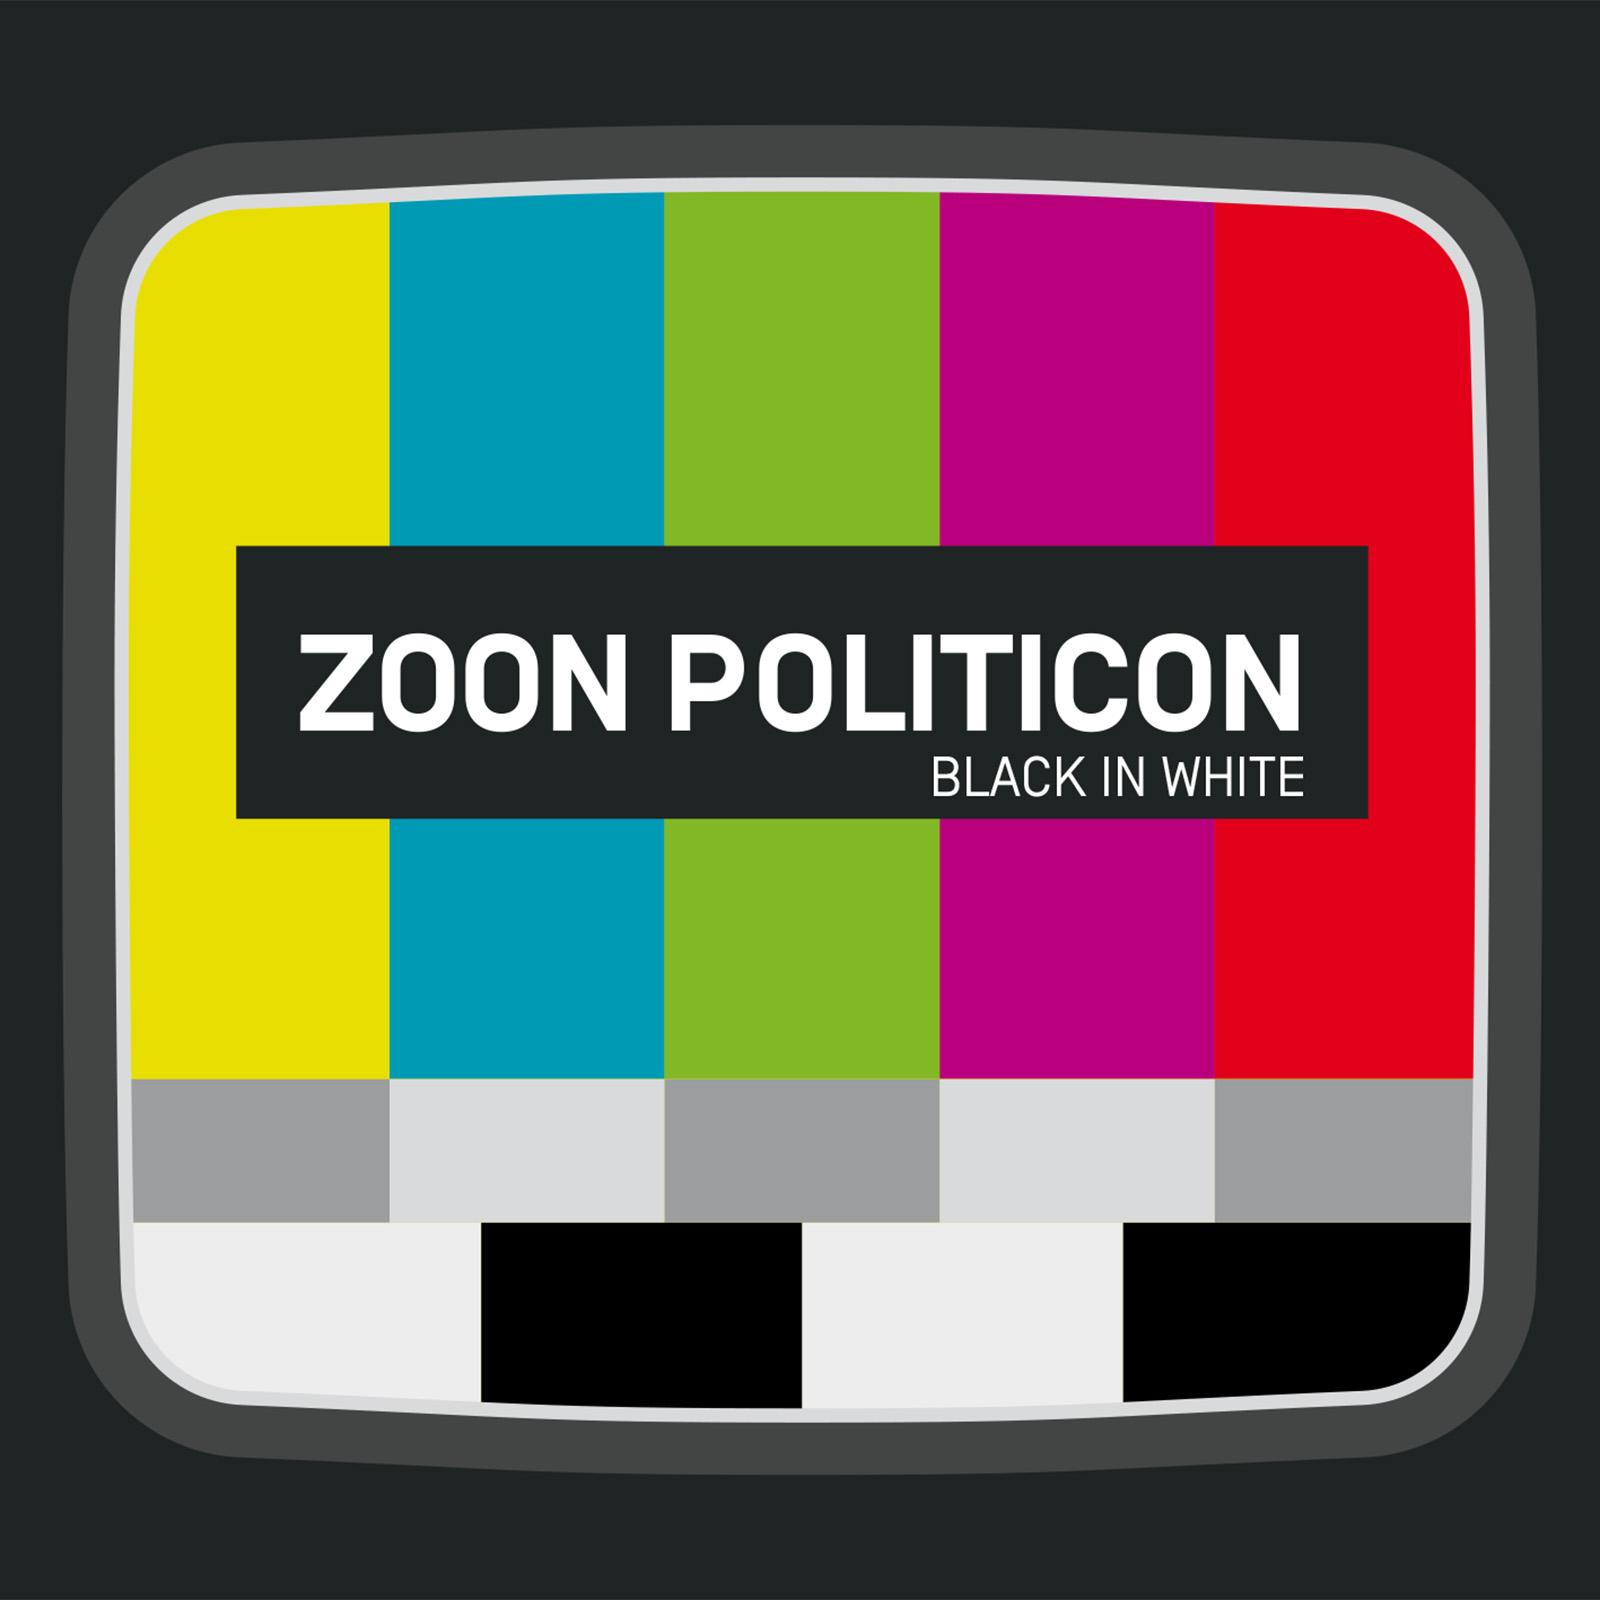 Citaten Zoon Politicon : Zoon politicon album nach jahren quot black in white